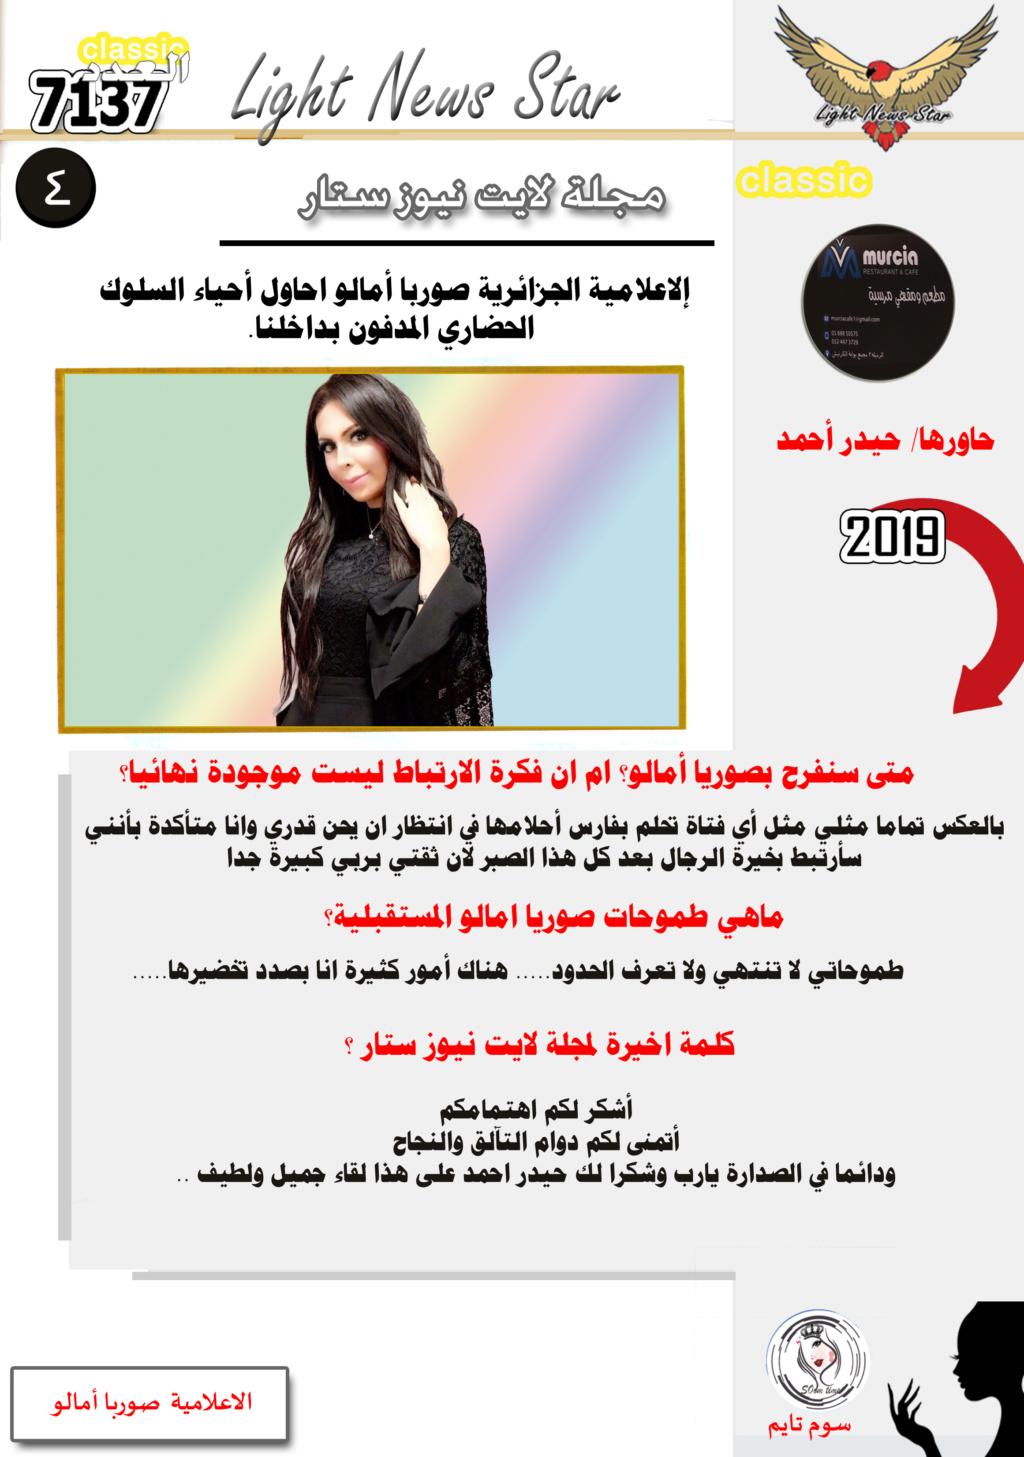 أخبار نجوم الفن والمشاهير 7137 light news star من المصدر l الاعلامية الجزائرية  صوريا أمالو الإعلام  اليوم في صراع صامت و سأرتبط بخيرة الرجال A414